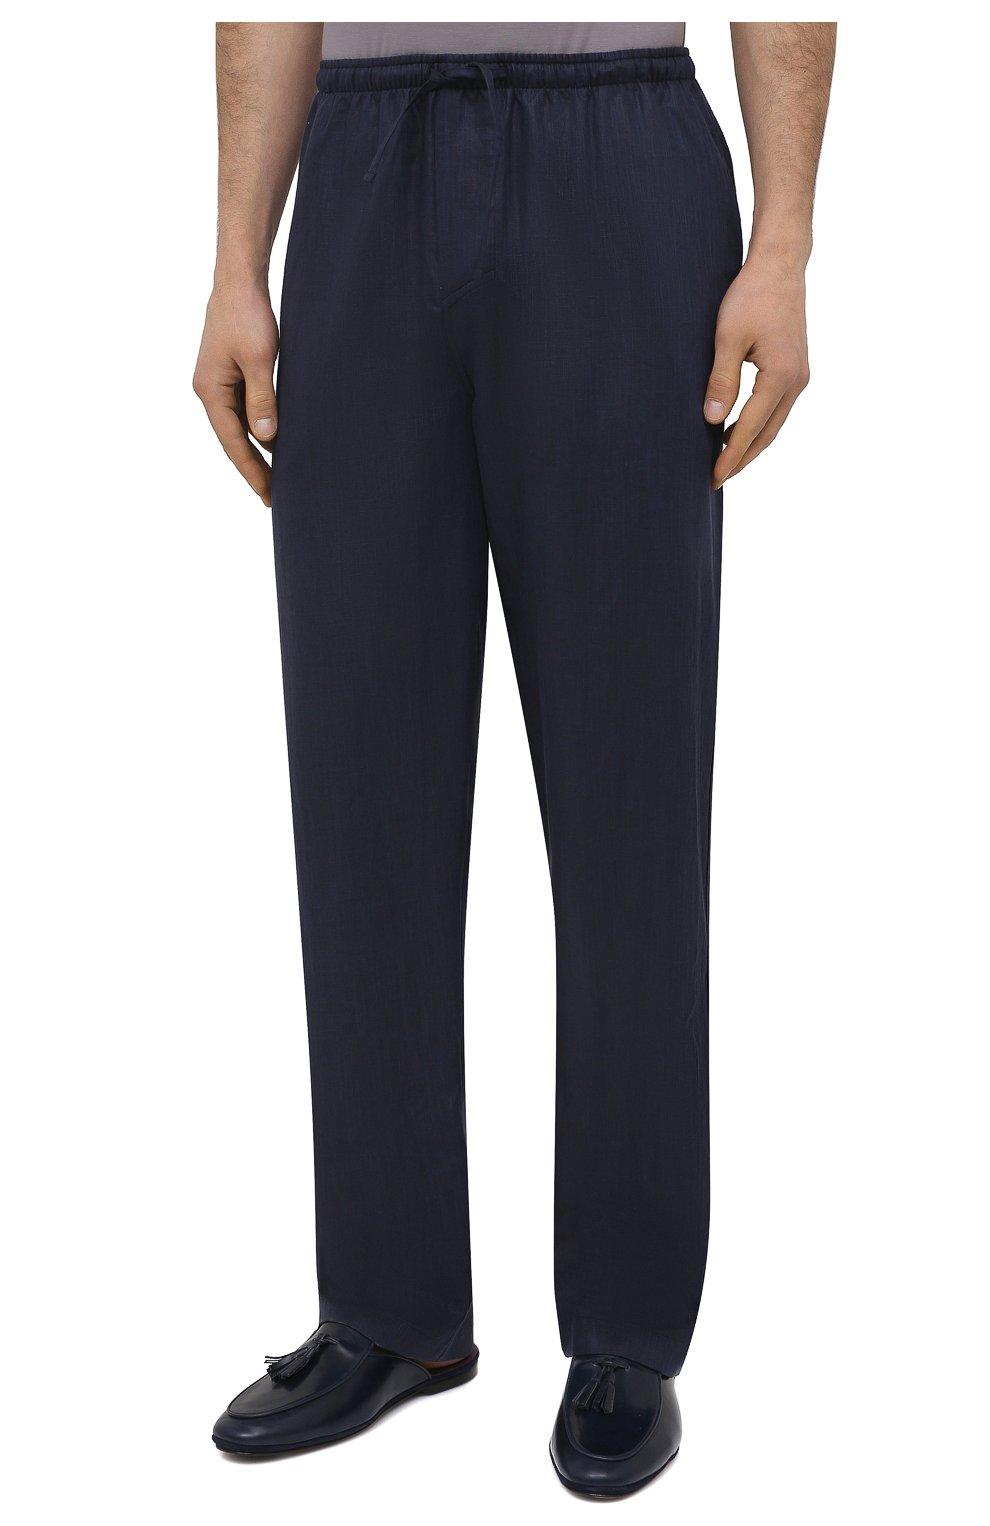 Мужские домашние брюки изо льна и хлопка ZIMMERLI темно-синего цвета, арт. 4697-75183   Фото 3 (Длина (брюки, джинсы): Стандартные; Кросс-КТ: домашняя одежда; Мужское Кросс-КТ: Брюки-белье; Материал внешний: Хлопок, Лен)